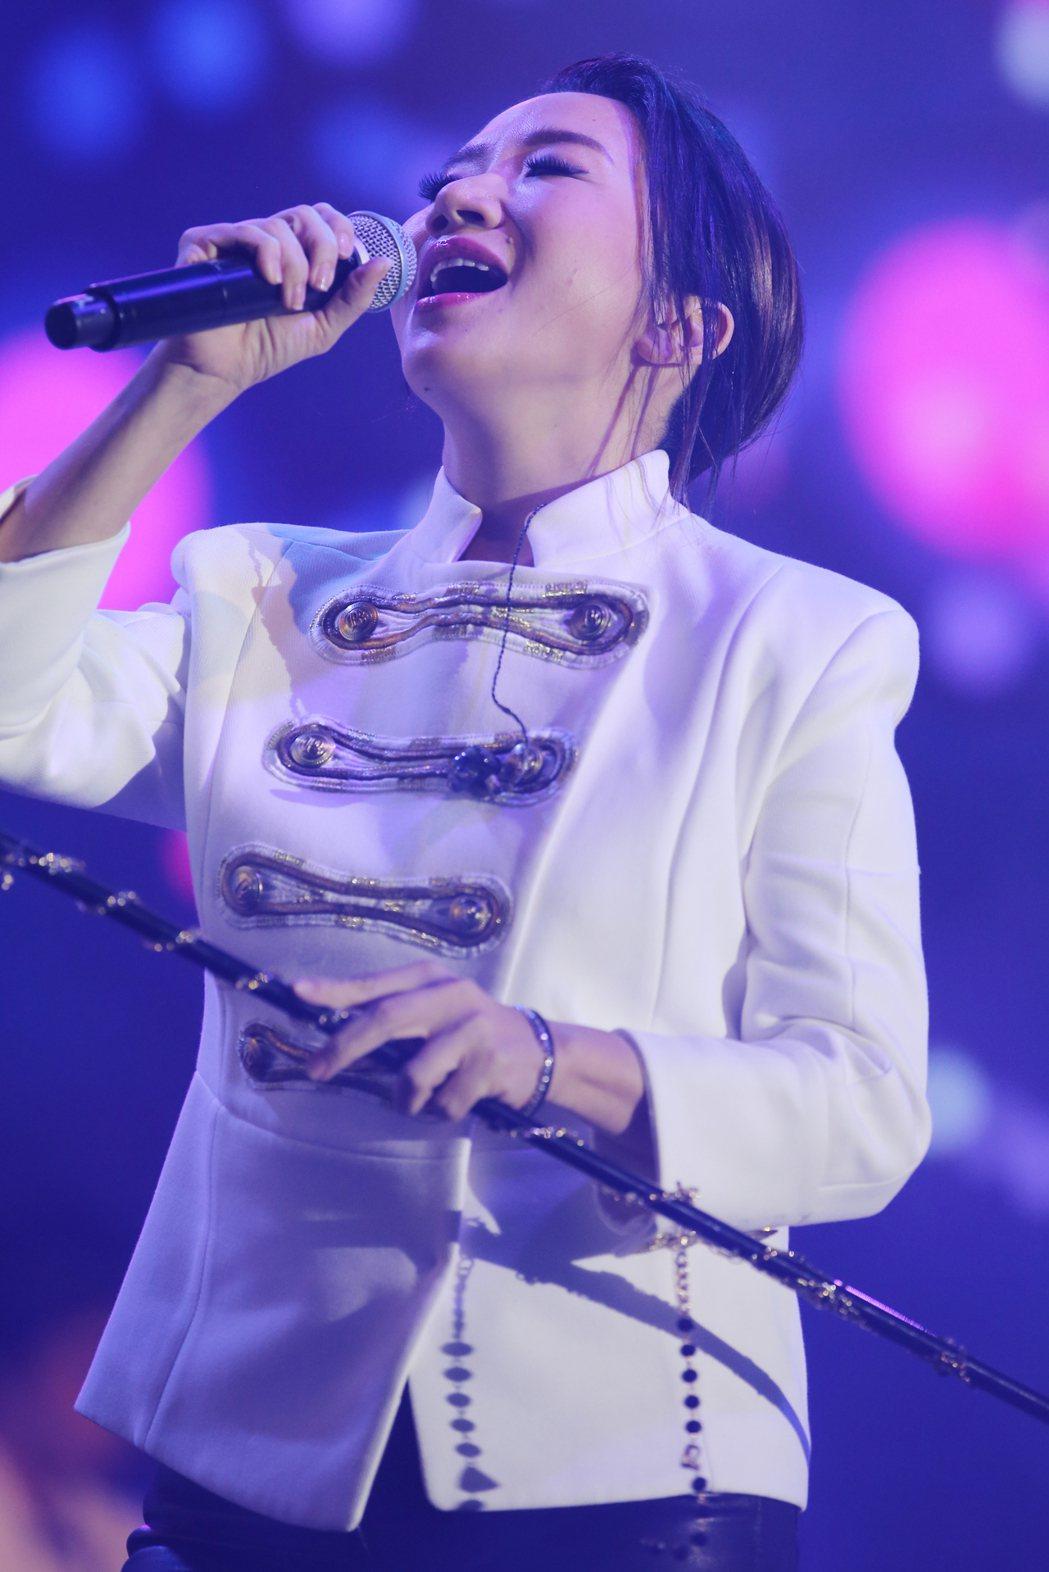 陶晶瑩在PChome演唱會壓軸獻唱。記者許正宏/攝影